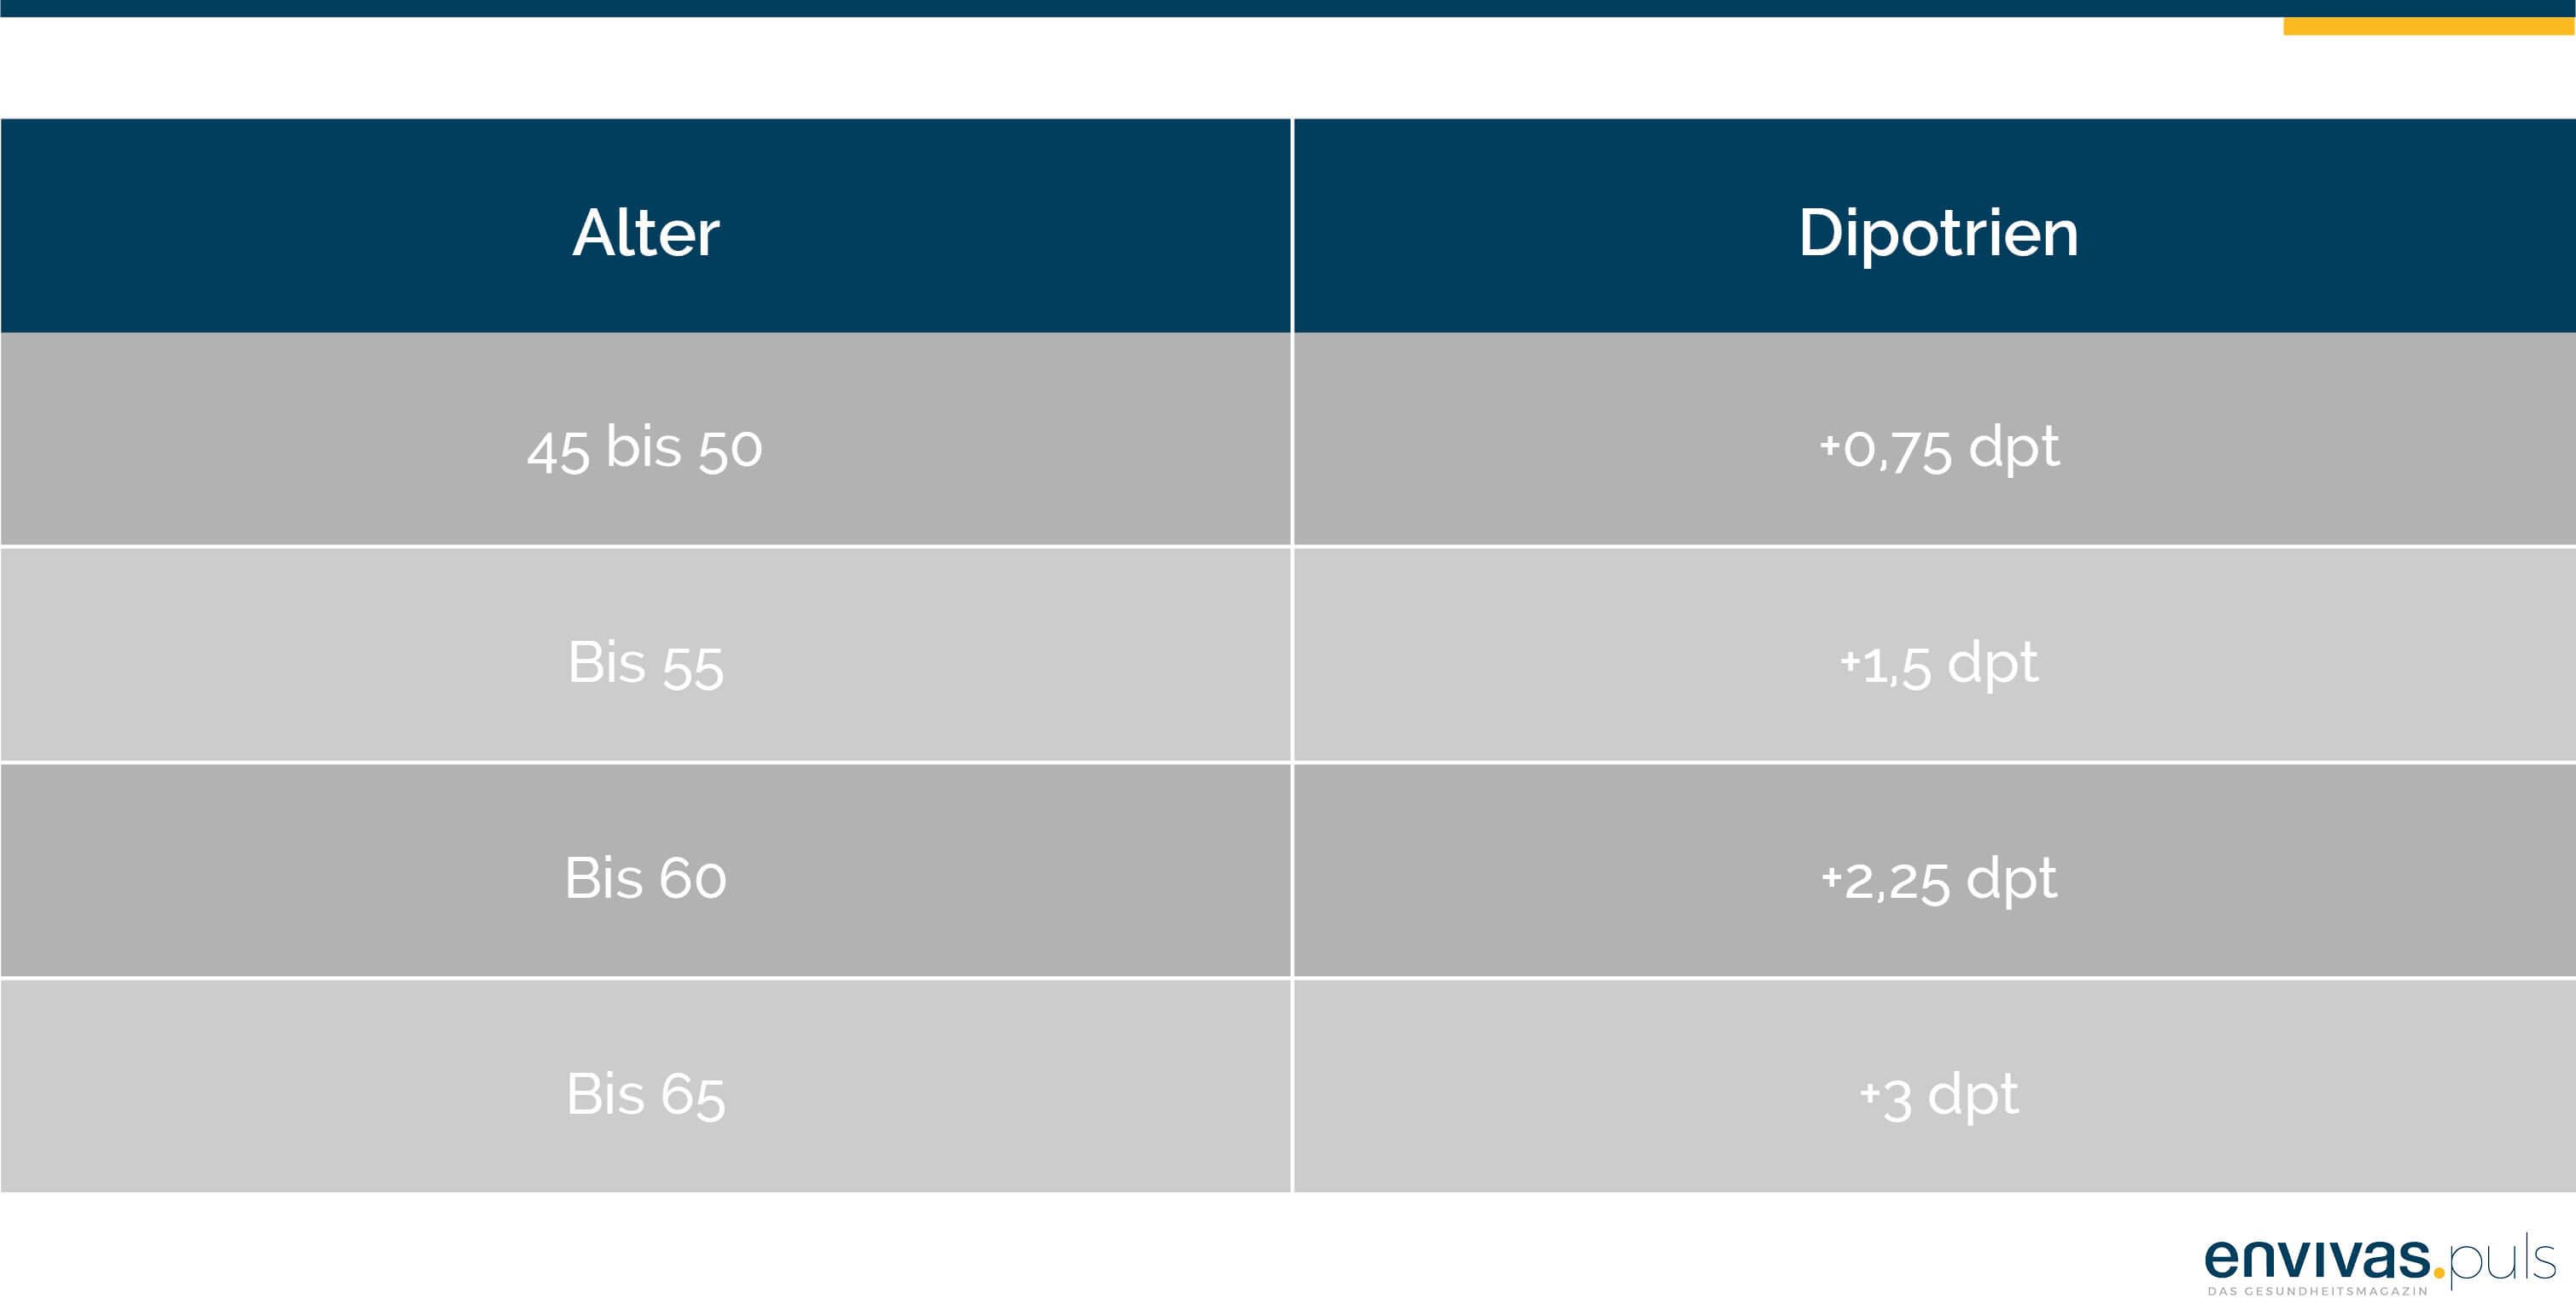 Tabelle stellt das Lebensalter und die Dioptrienzahl gegenüber.